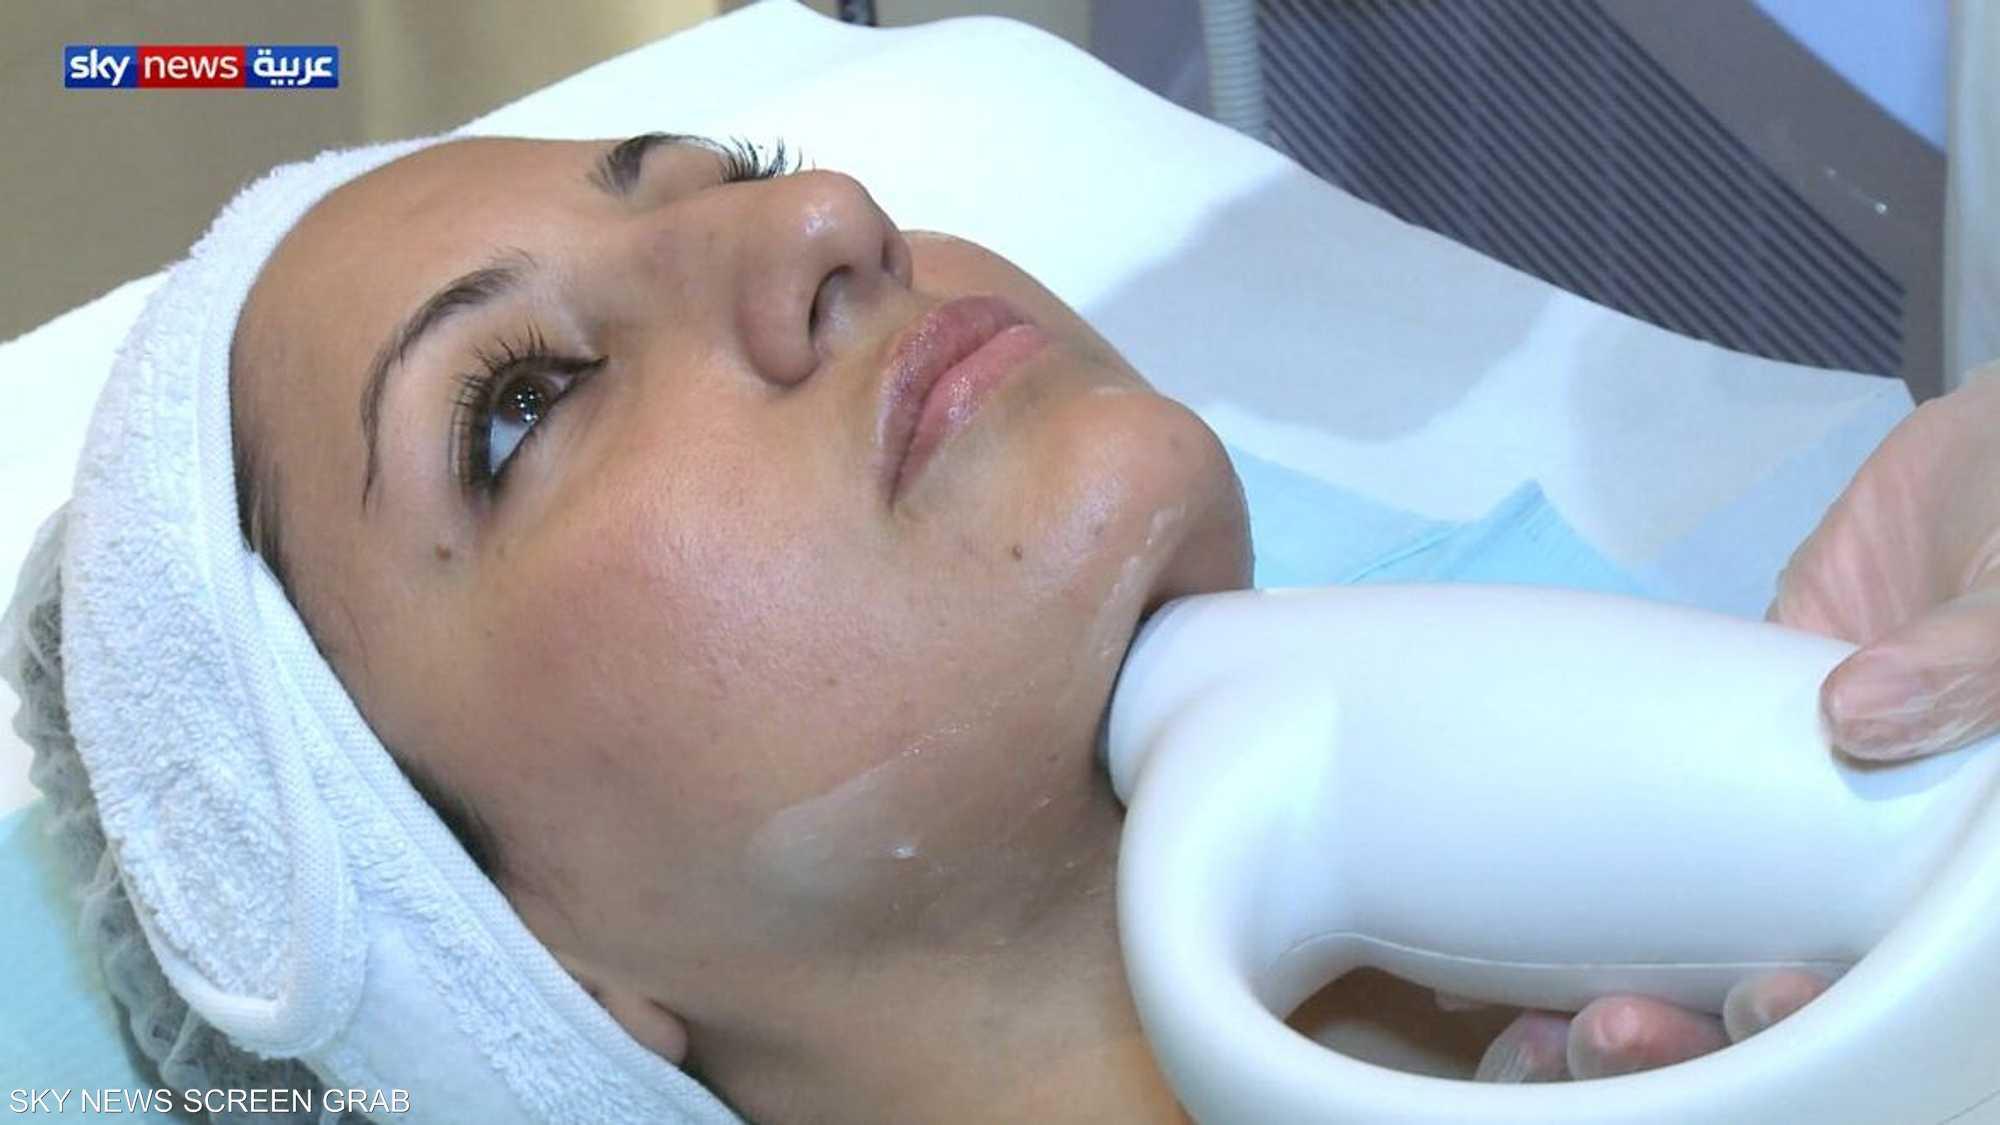 إجراء طبي جديد لشد الوجه يعود بعقارب الزمن للوراء